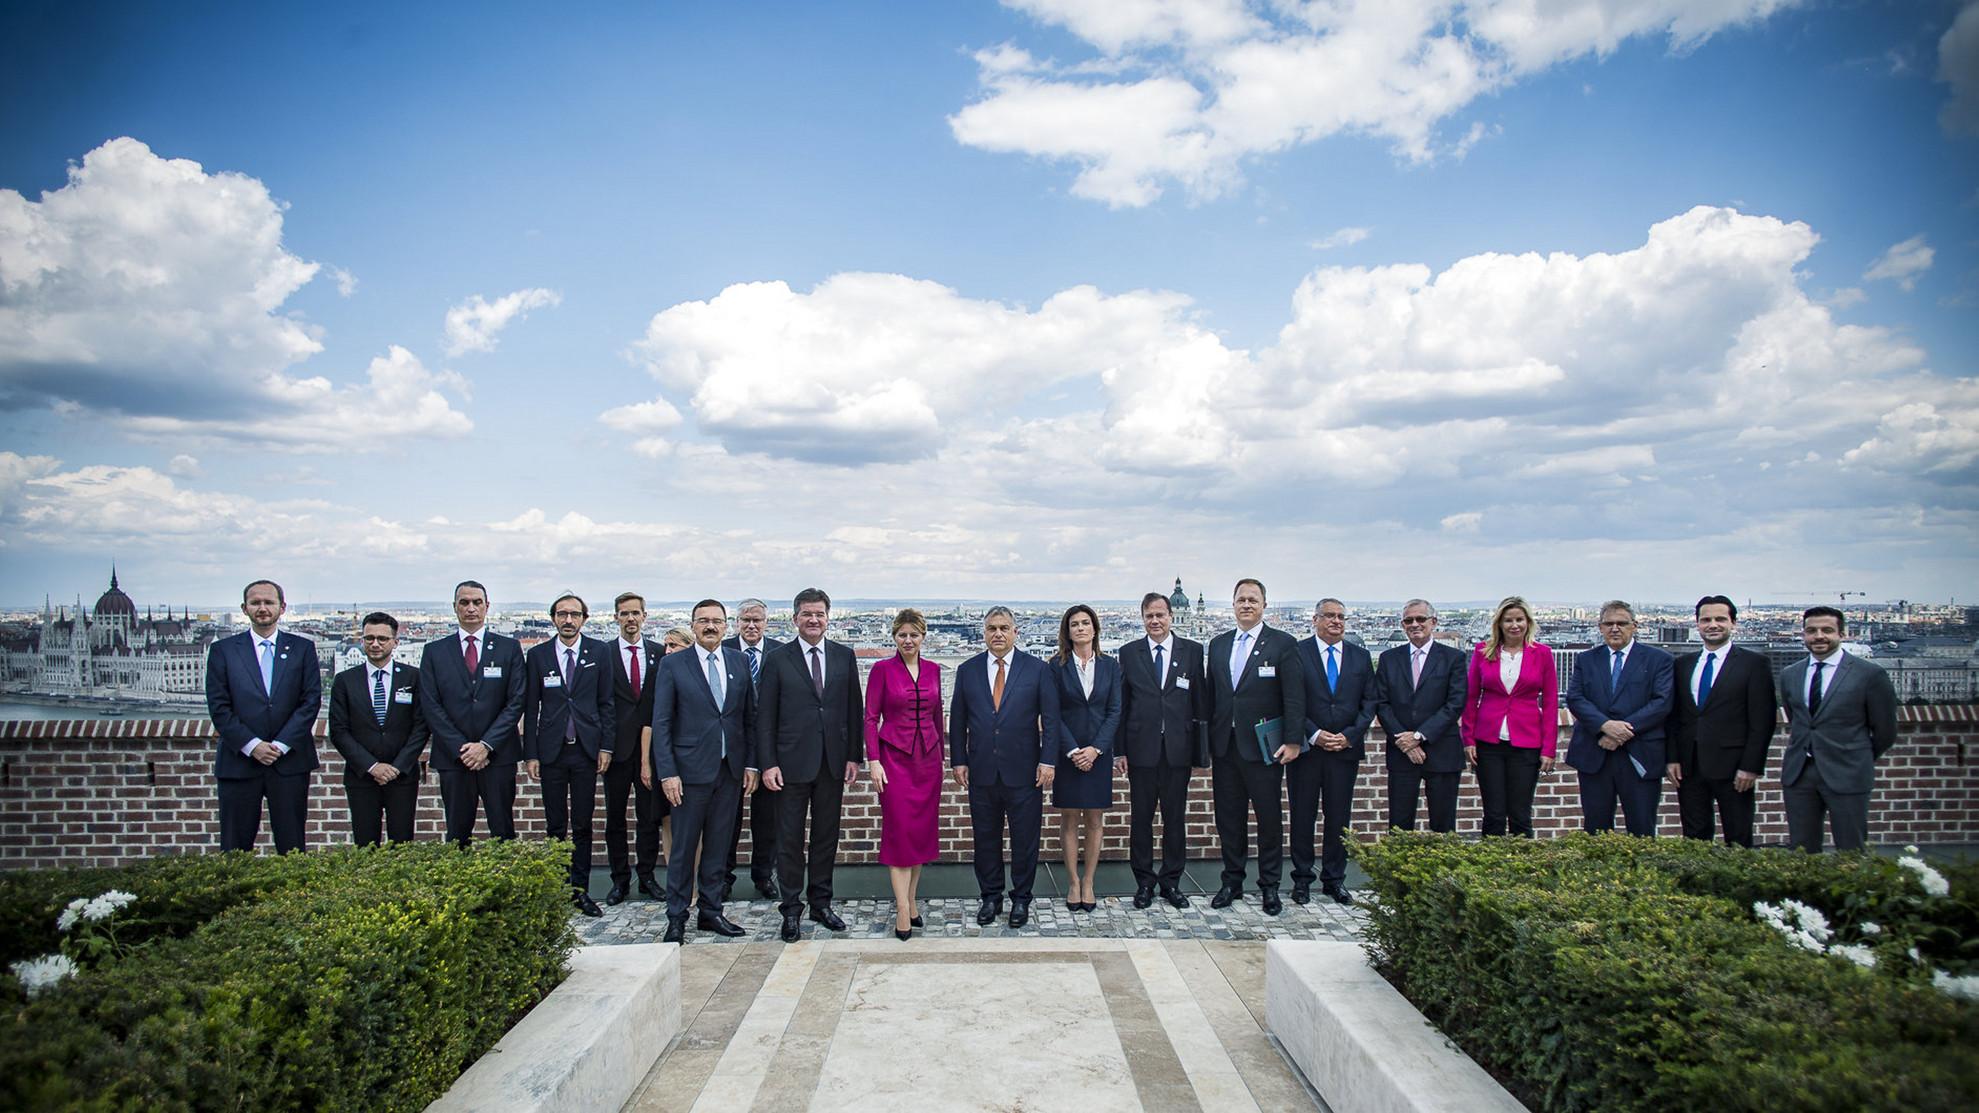 A Miniszterelnöki Sajtóiroda által közreadott csoportképen középen Orbán Viktor miniszterelnök (j) és Zuzana Caputová szlovák elnök (b) a Karmelita kolostorban 2019. július 11-én. Tőlük balra Miroslav Lajcak szlovák külügyminiszter, jobbra Varga Judit igazságügyi miniszter.